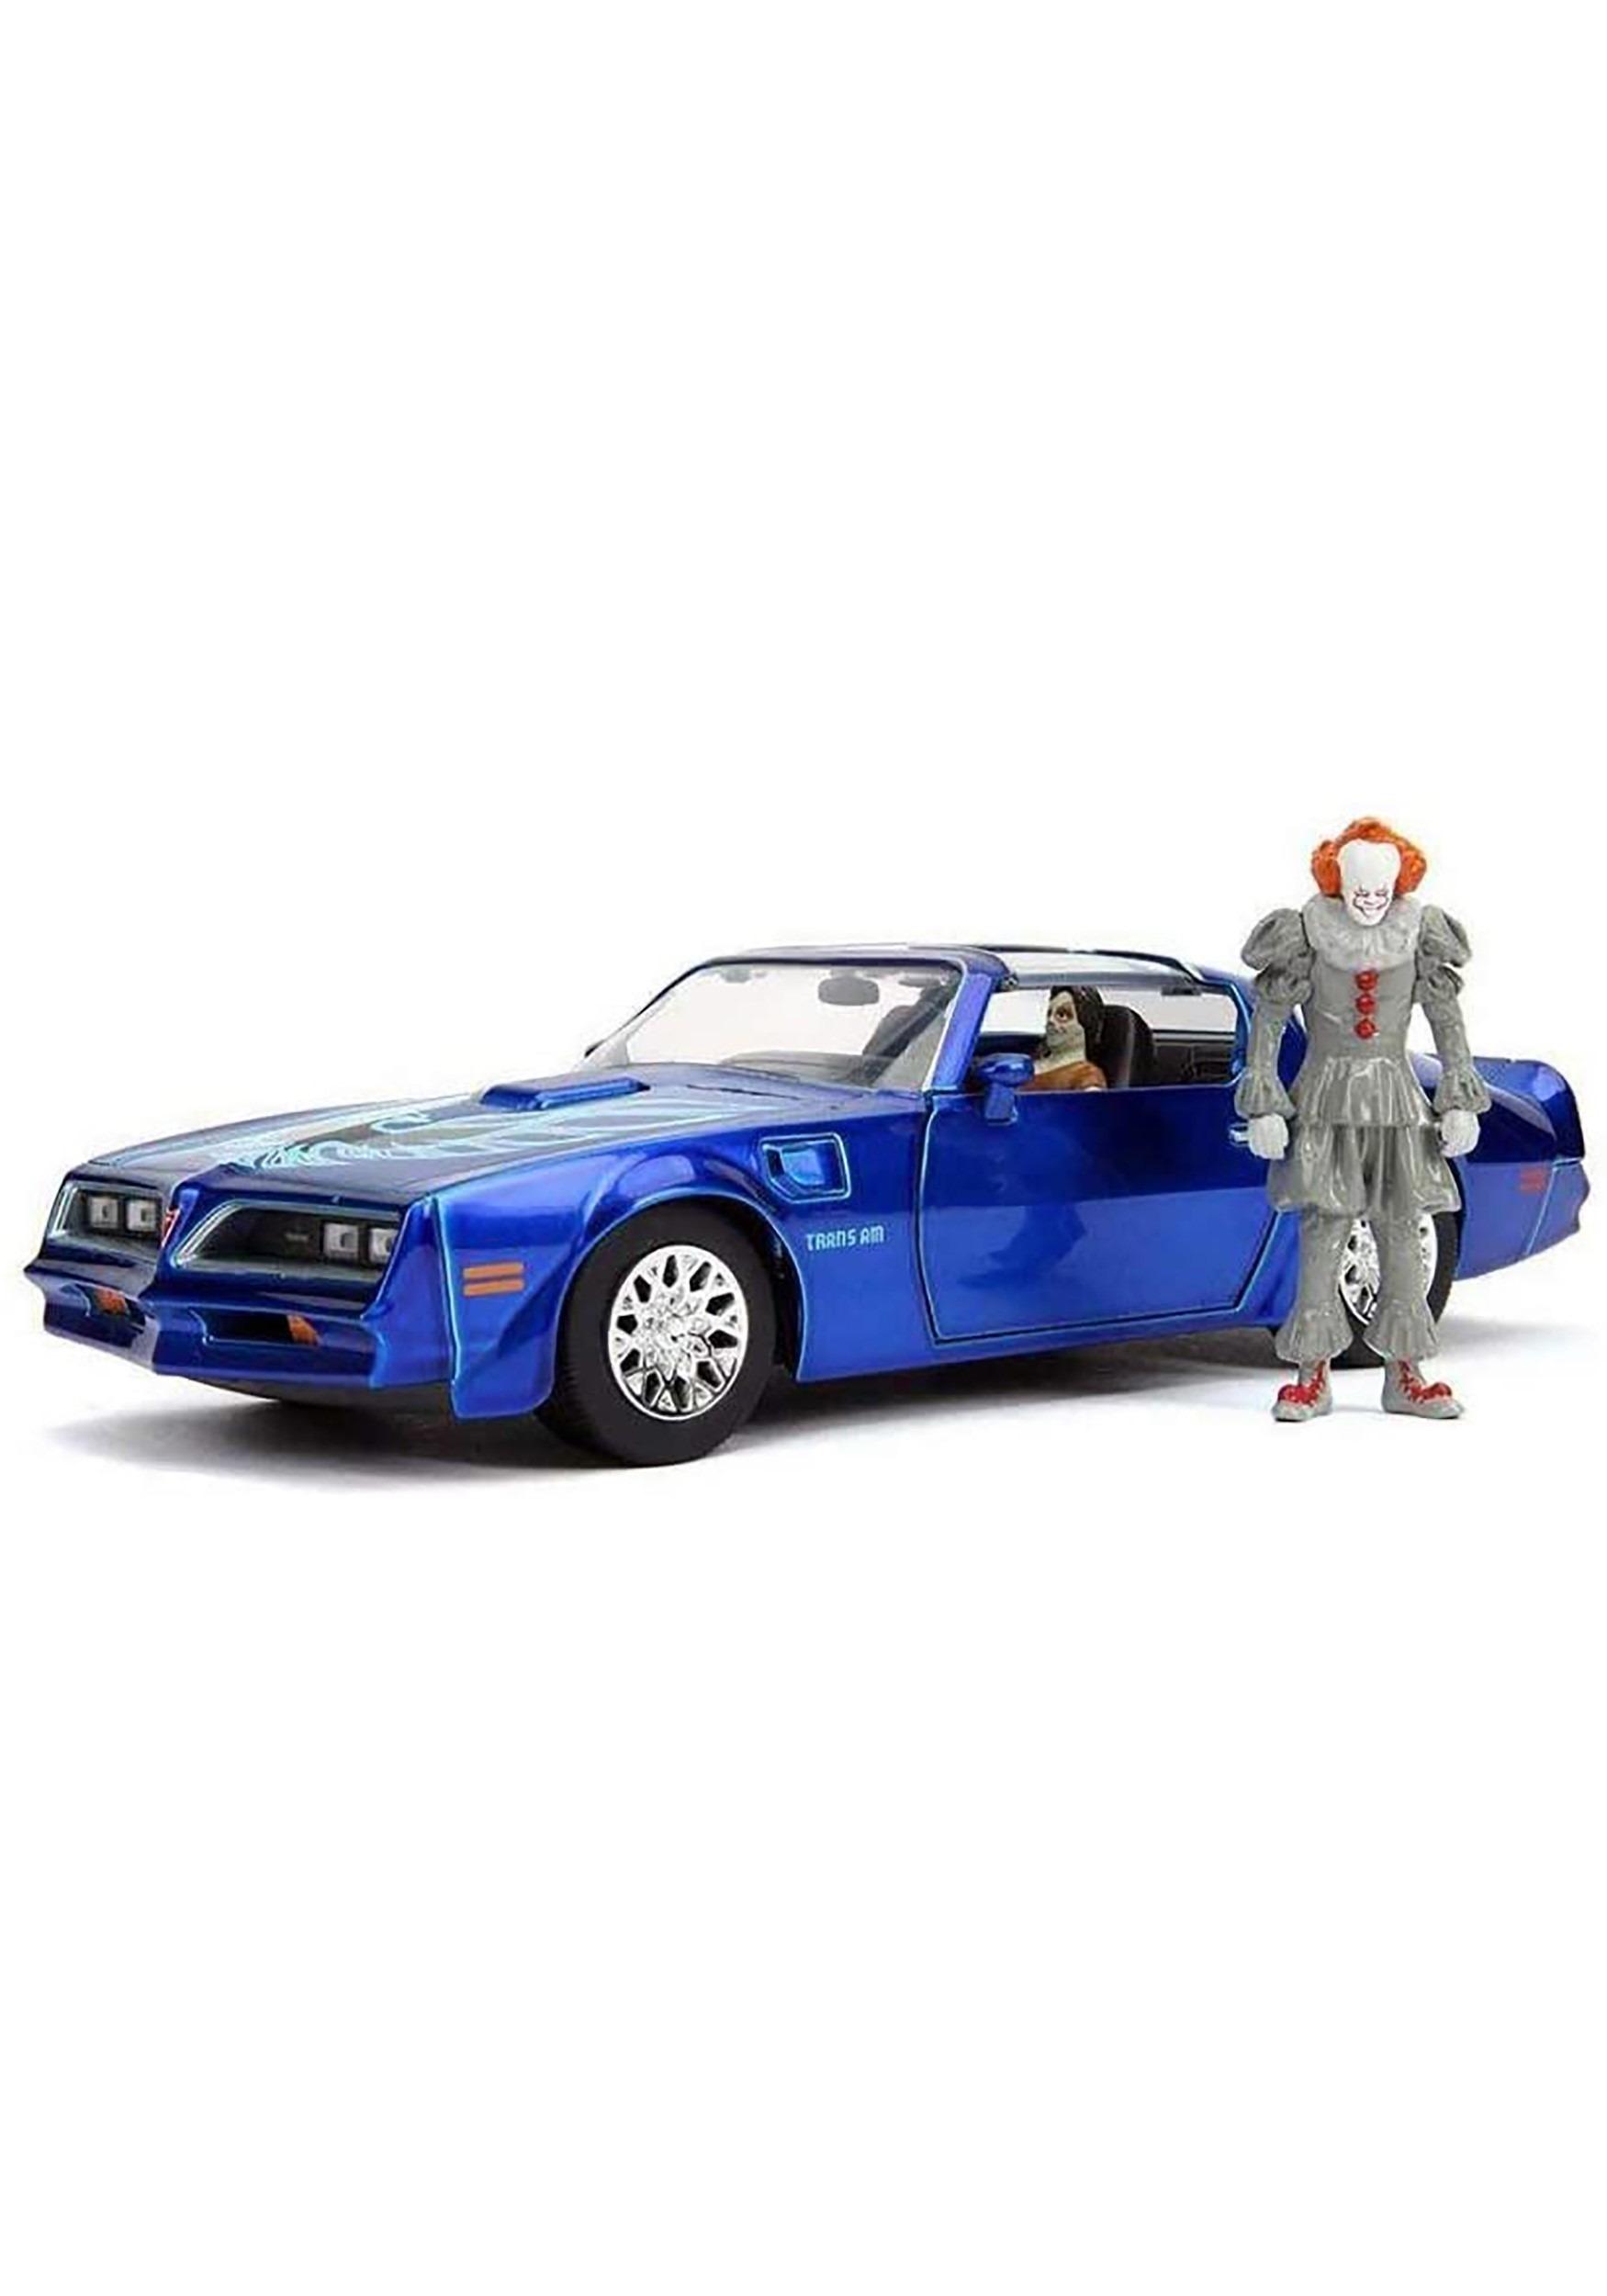 IT 1977 Pontiac Firebird with Penny wise 1:24 Scale